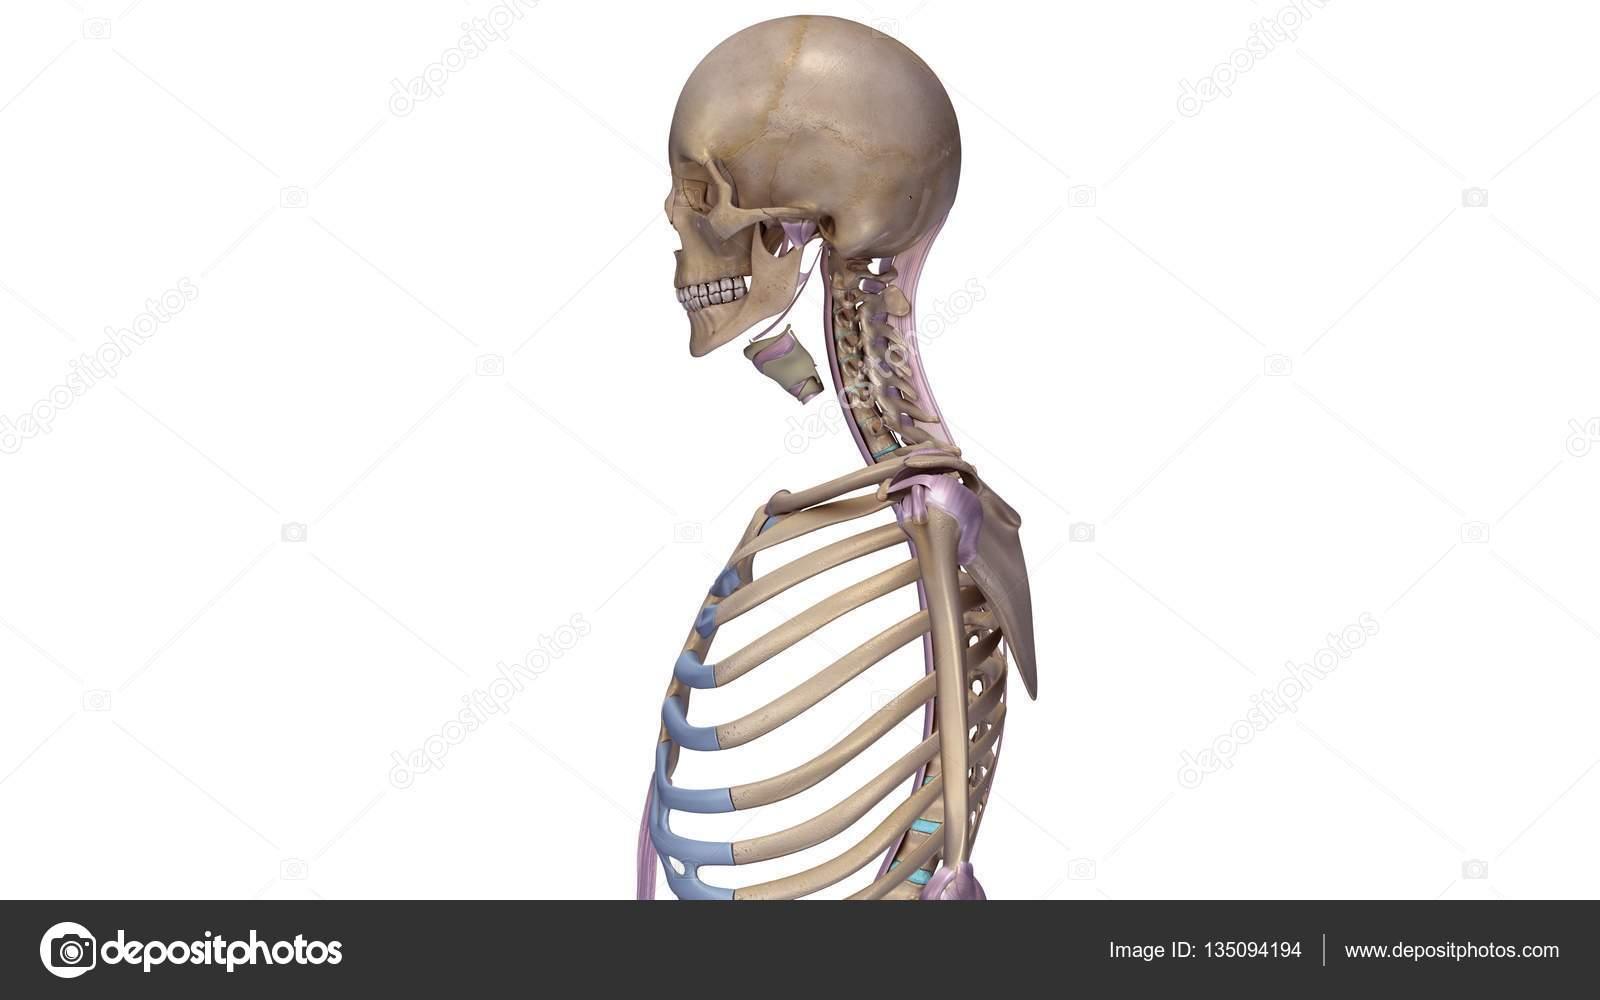 Skelett mit Bänder illustration — Stockfoto © sciencepics #135094194